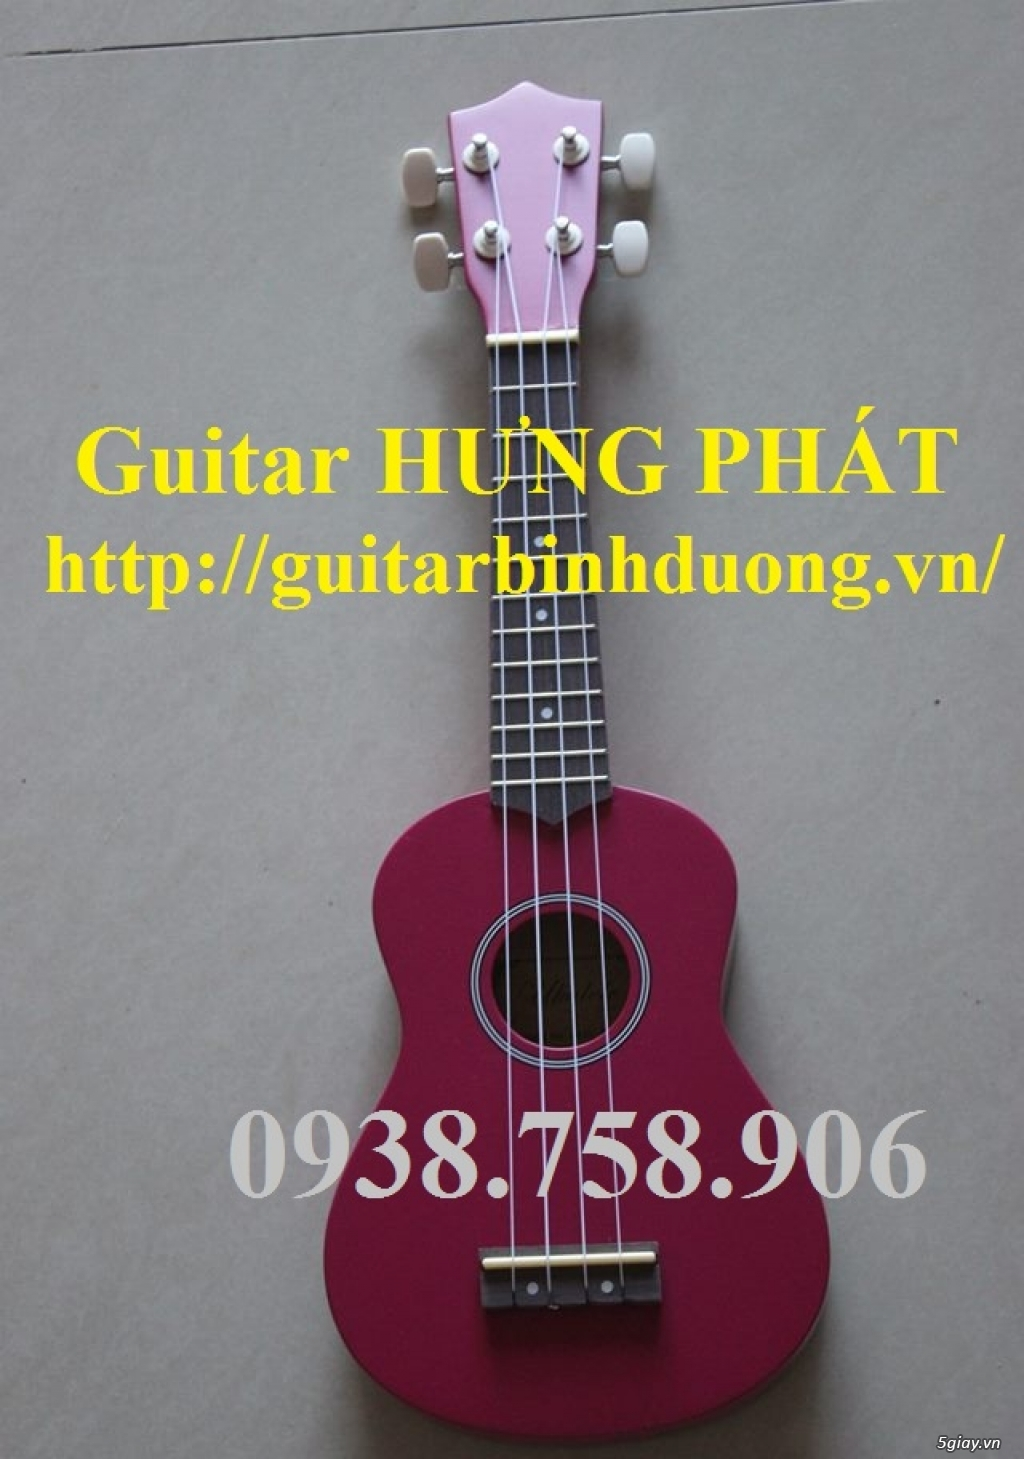 Bán đàn ukulele giá rẻ tp thủ dầu một bình dương - 30